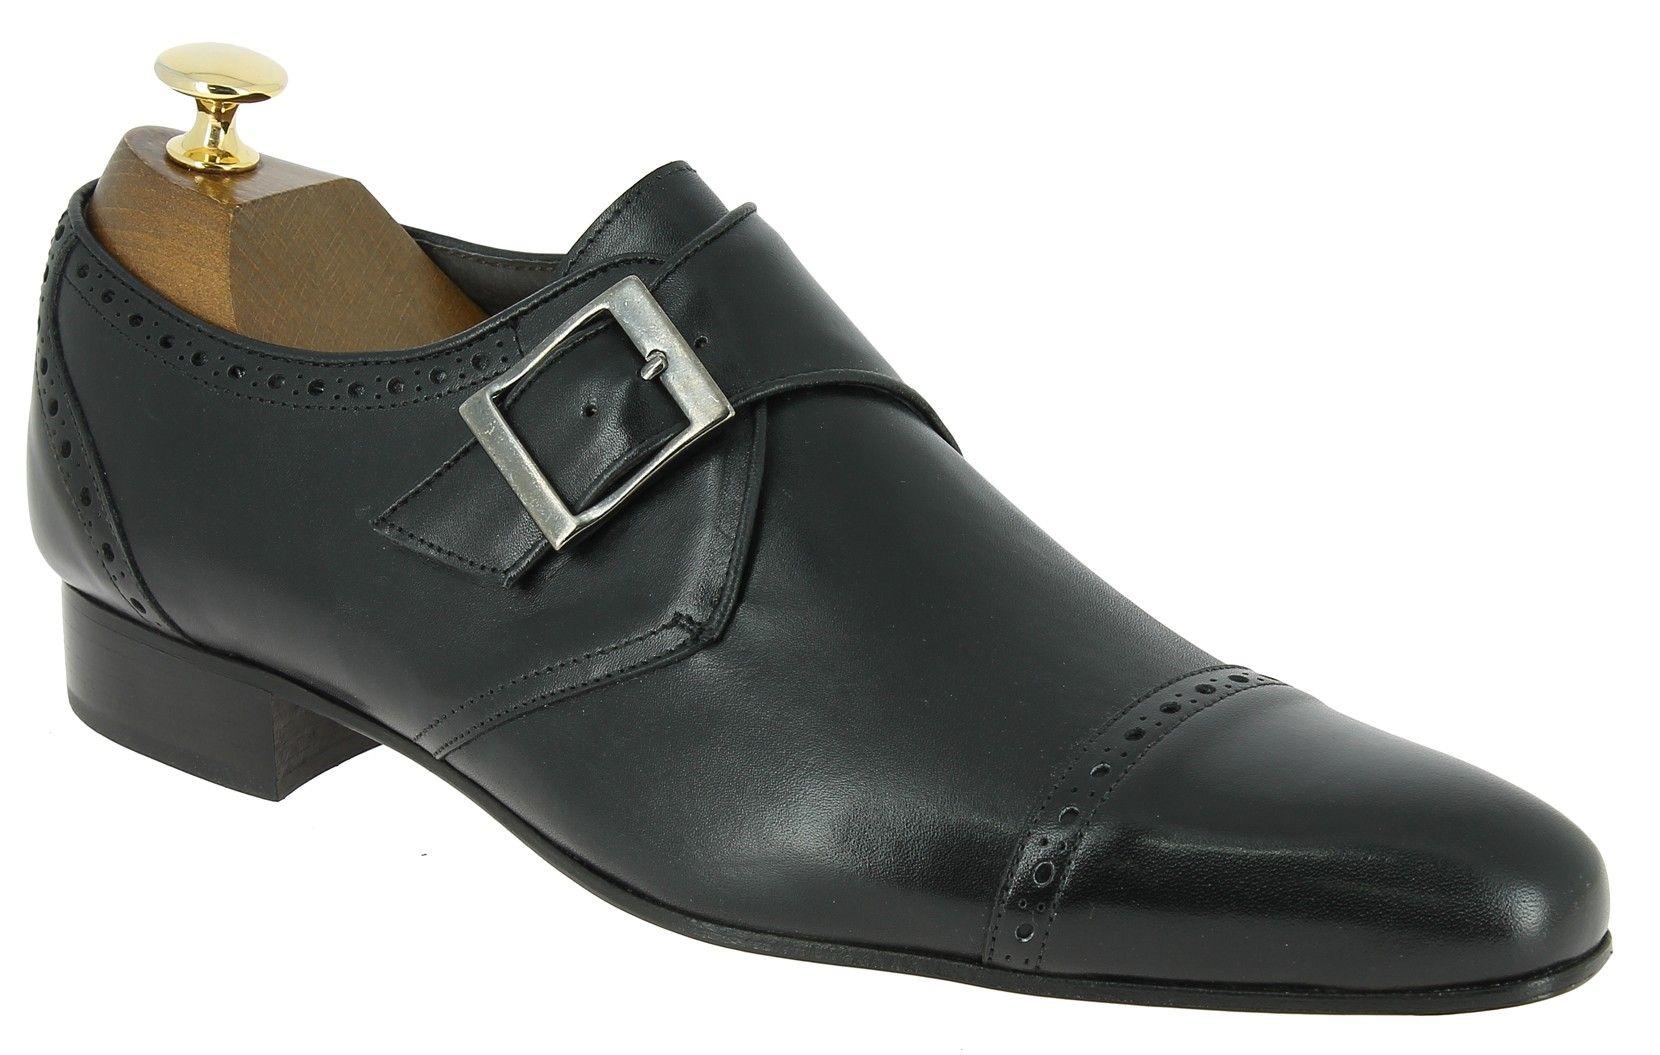 5f9394ac48d Center 51 vous présente le modèle Chaussure à boucle new Italianissimo  pirate cuir noir à 79